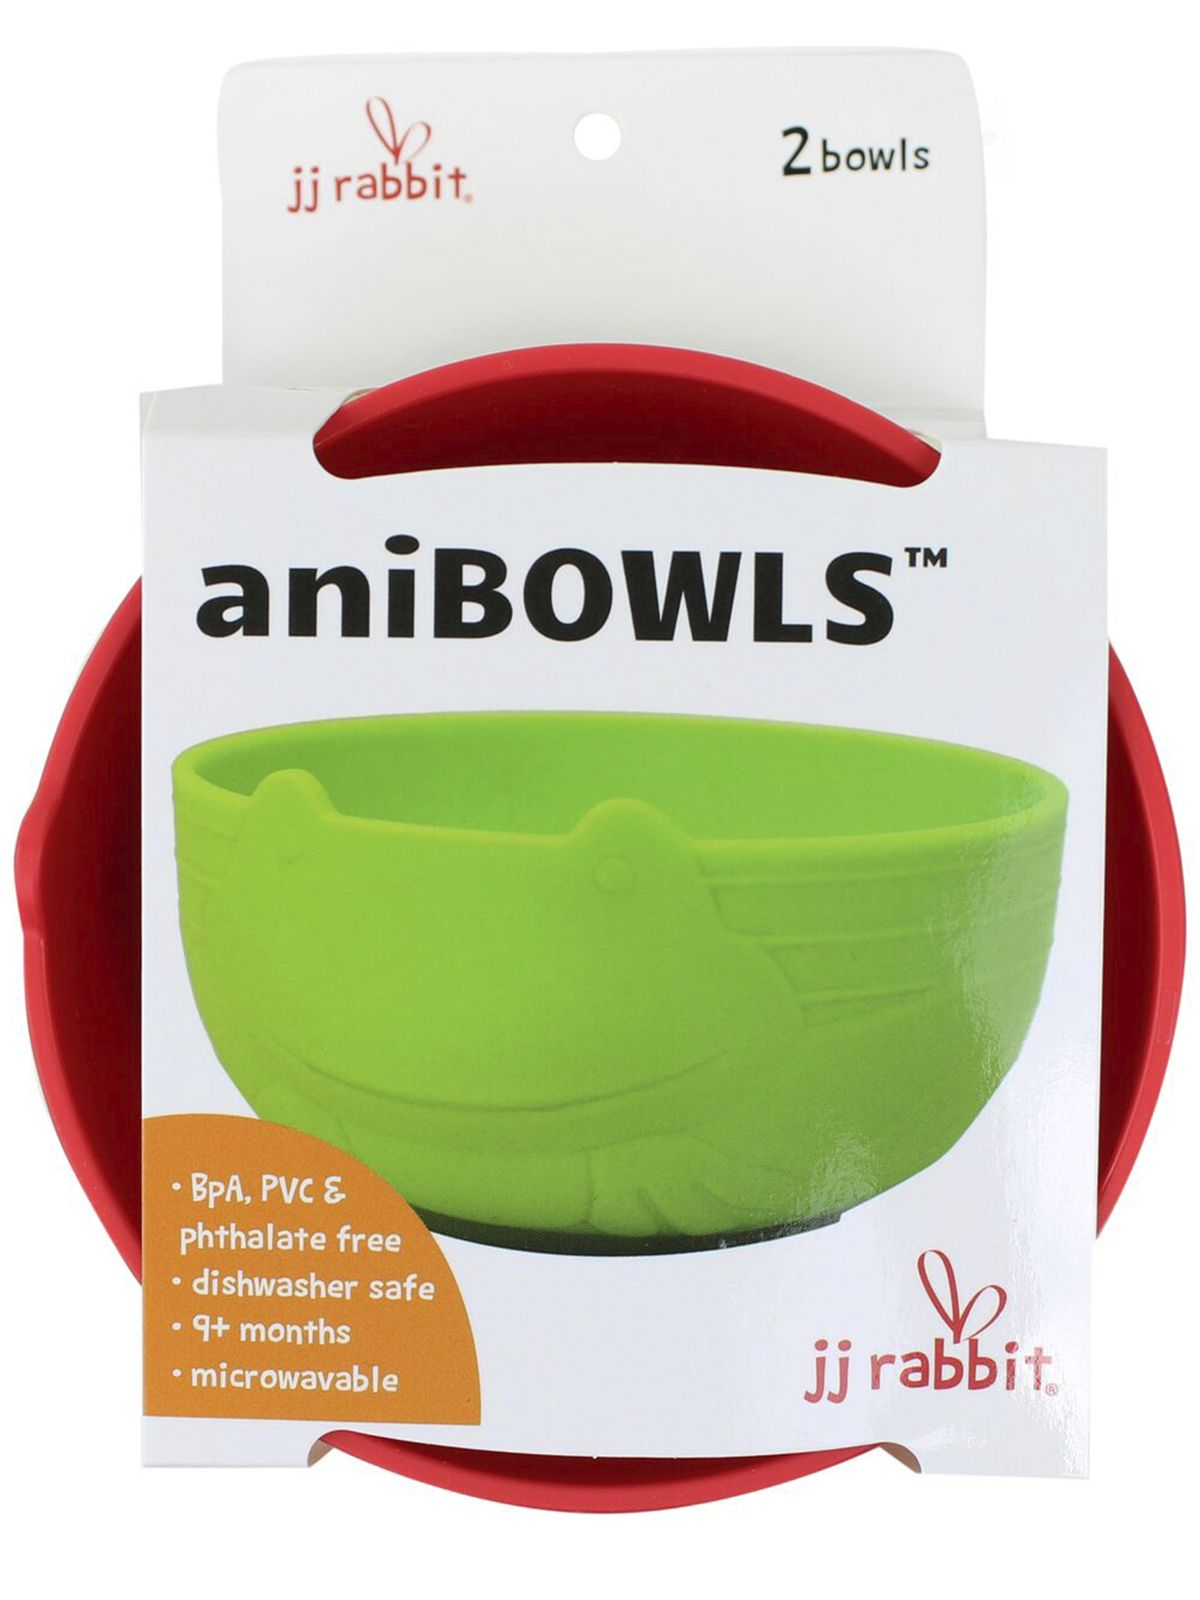 Пинкл (Pinkl) | Детская миска для кормления aniBOWLS лягушонок (2шт) | Jjrabbit Anibowl Frog